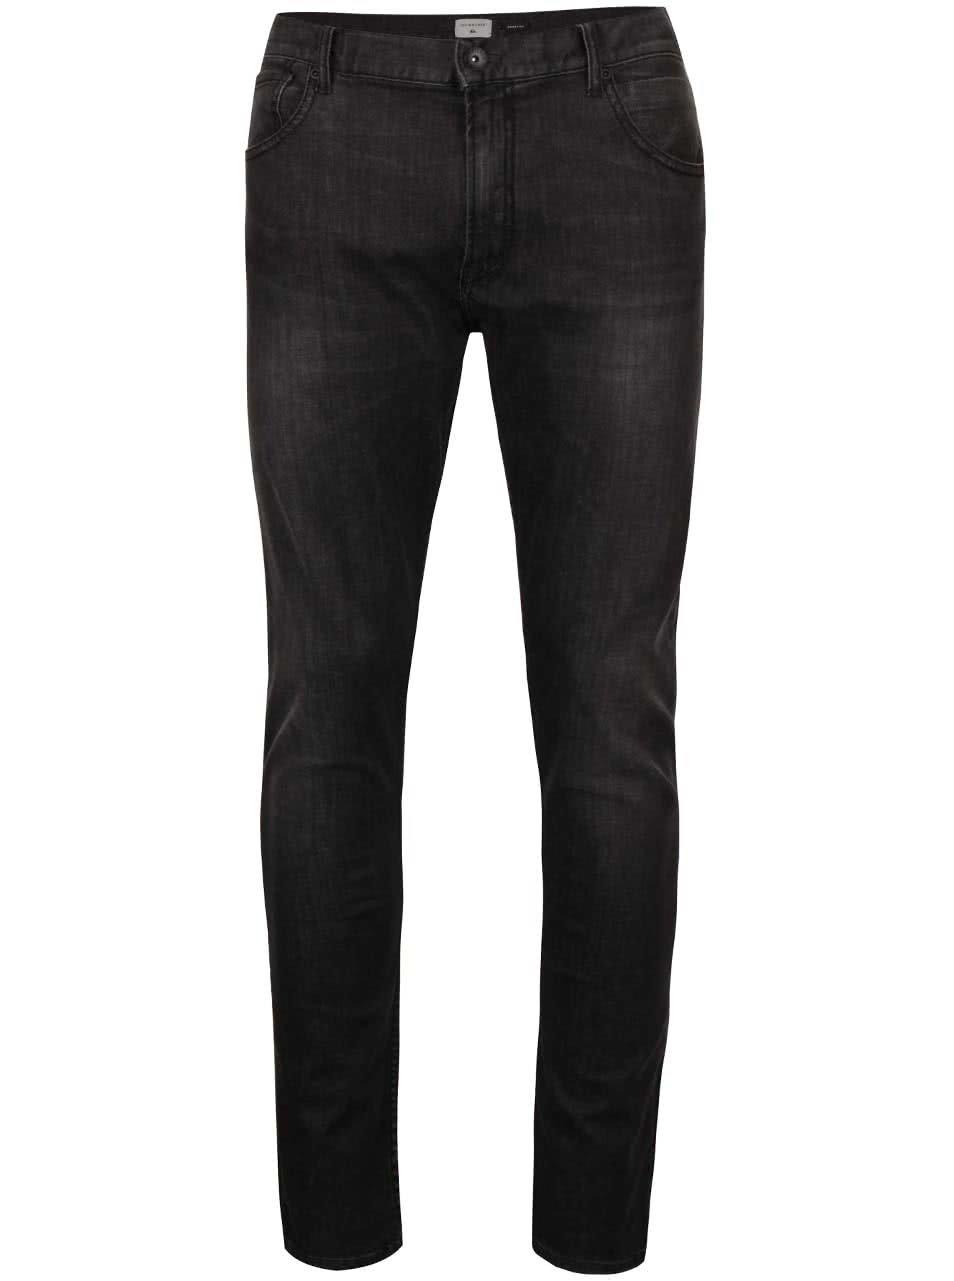 Černé pánské džíny s vyšisovaným efektem Quiksilver Killingzone